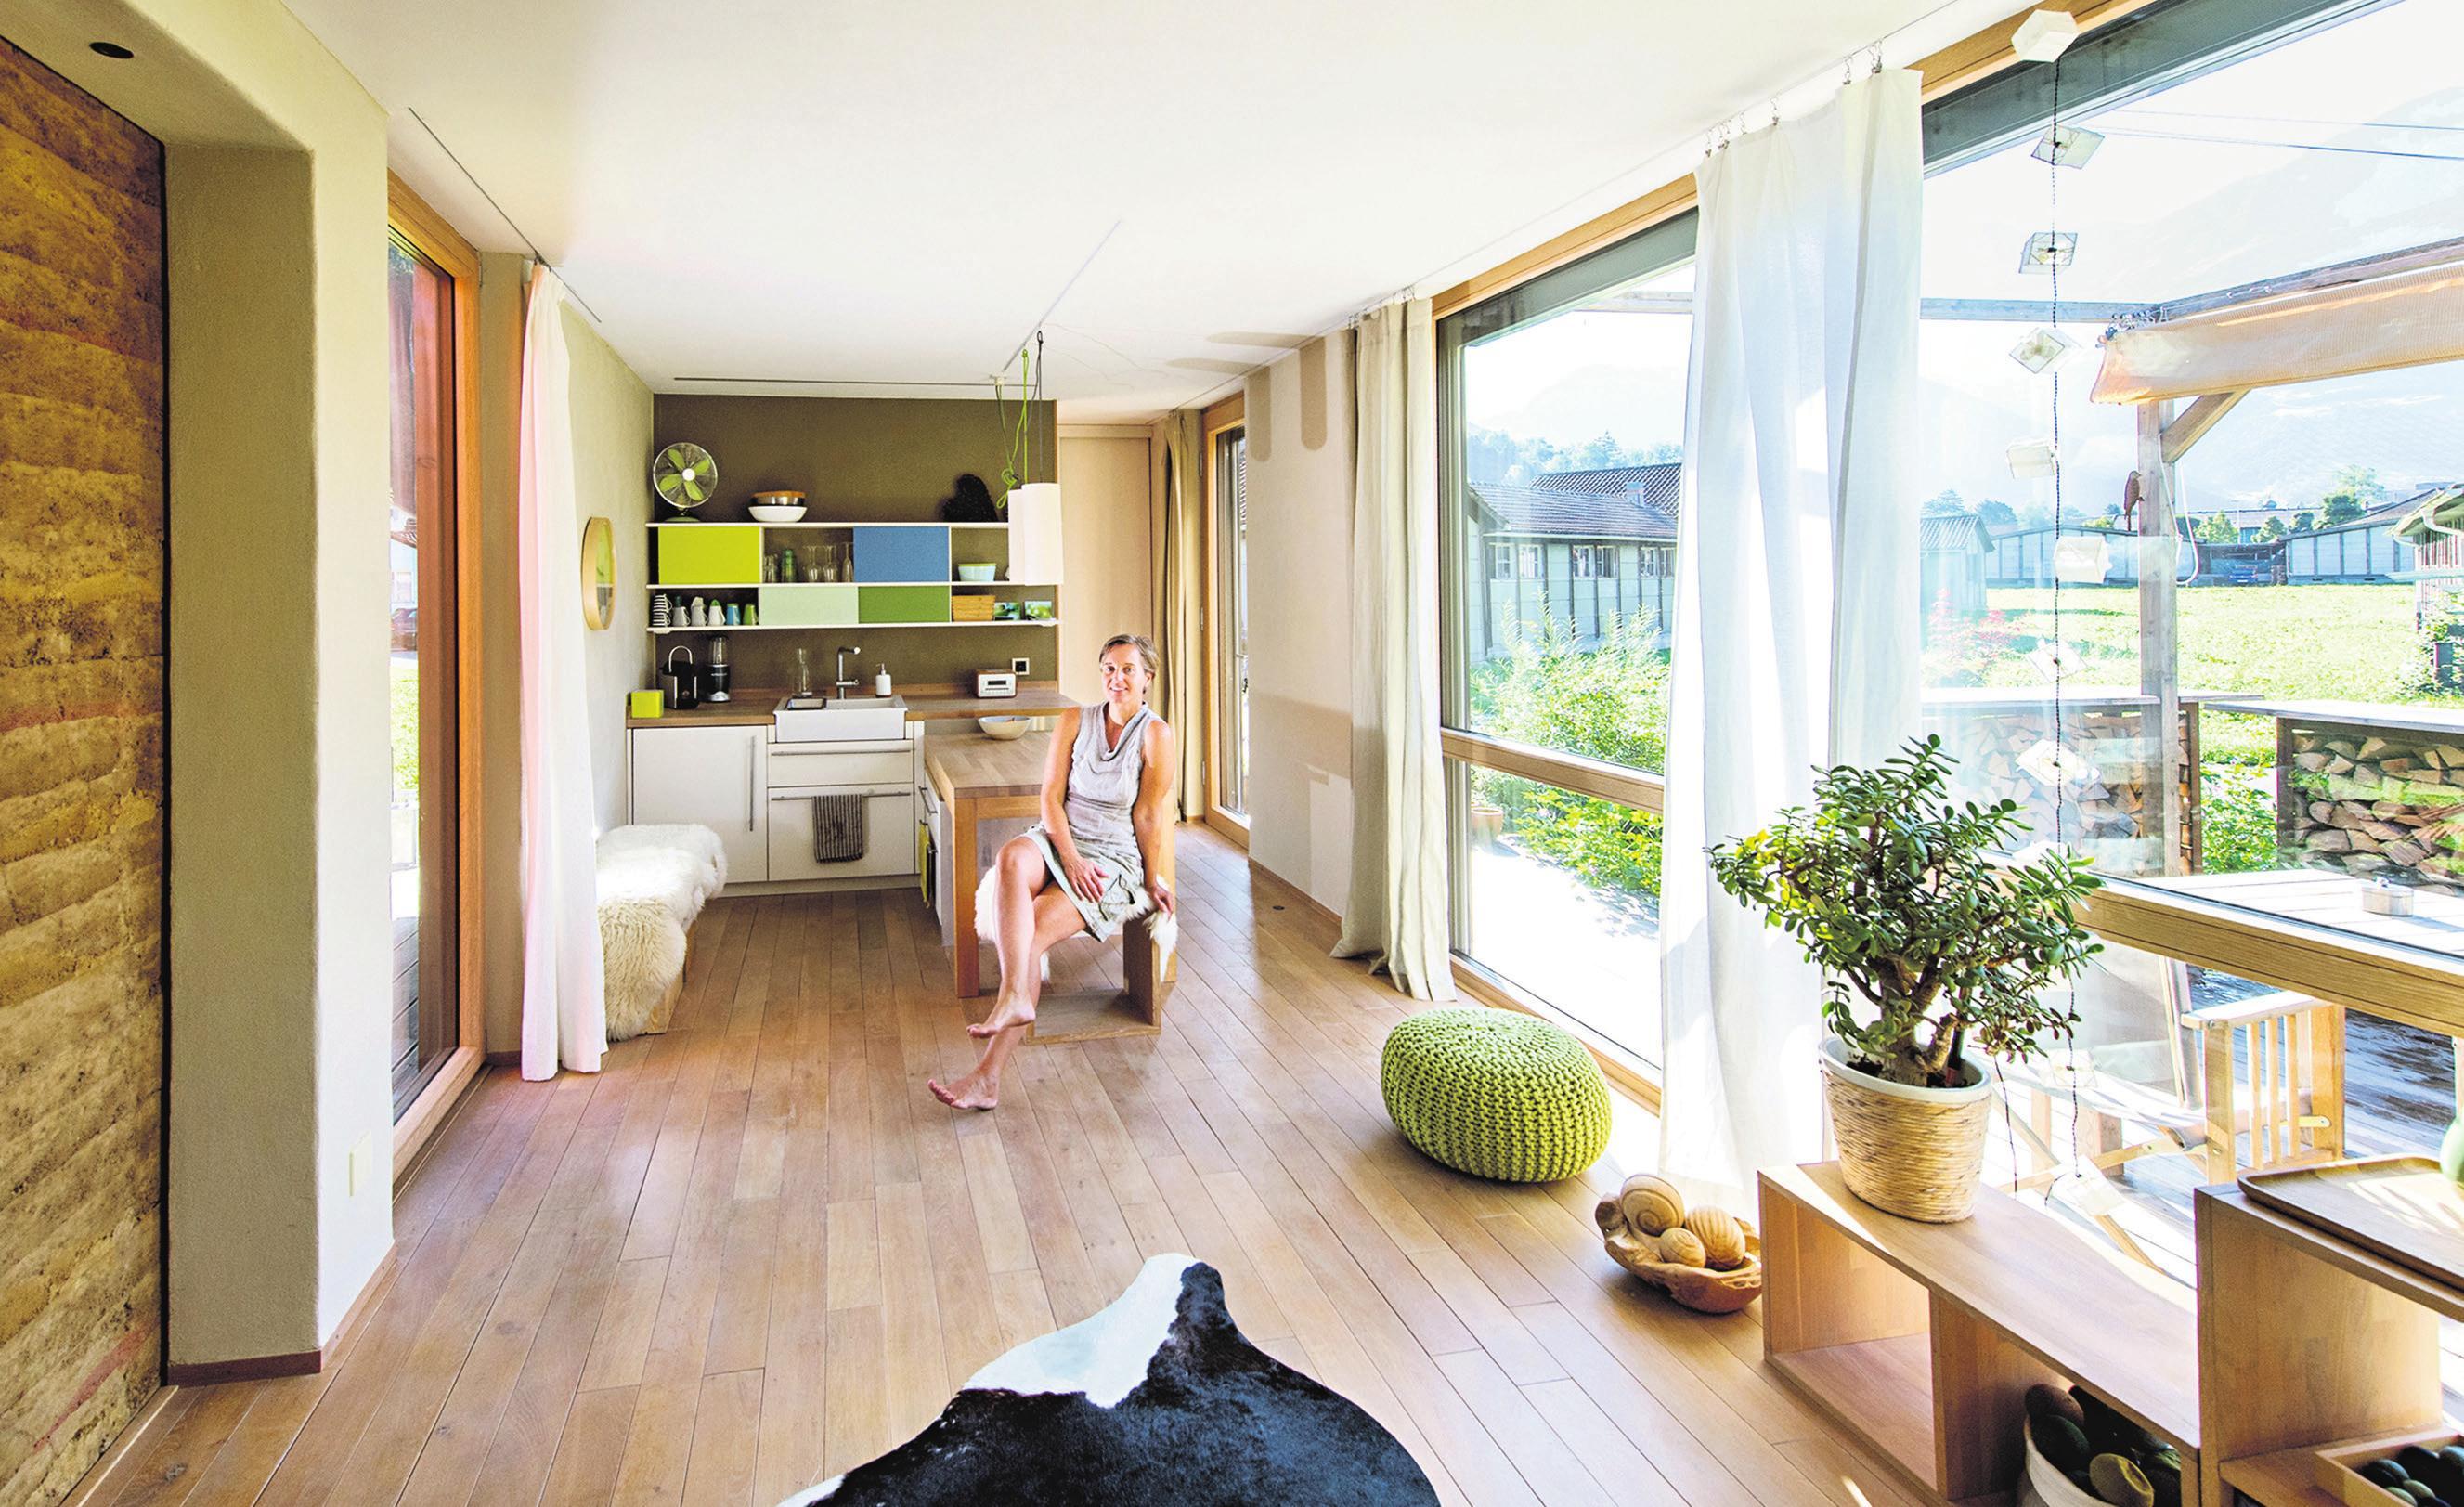 Viel Holz und Glas prägen das Innere in Tanja Schindlers Minihaus. Die Wände sind aus Lehm, die Möbel lassen sich je nach Bedarf für unterschiedliche Zwecke einsetzen. FOTO: EVELINE BEERKIRCHE